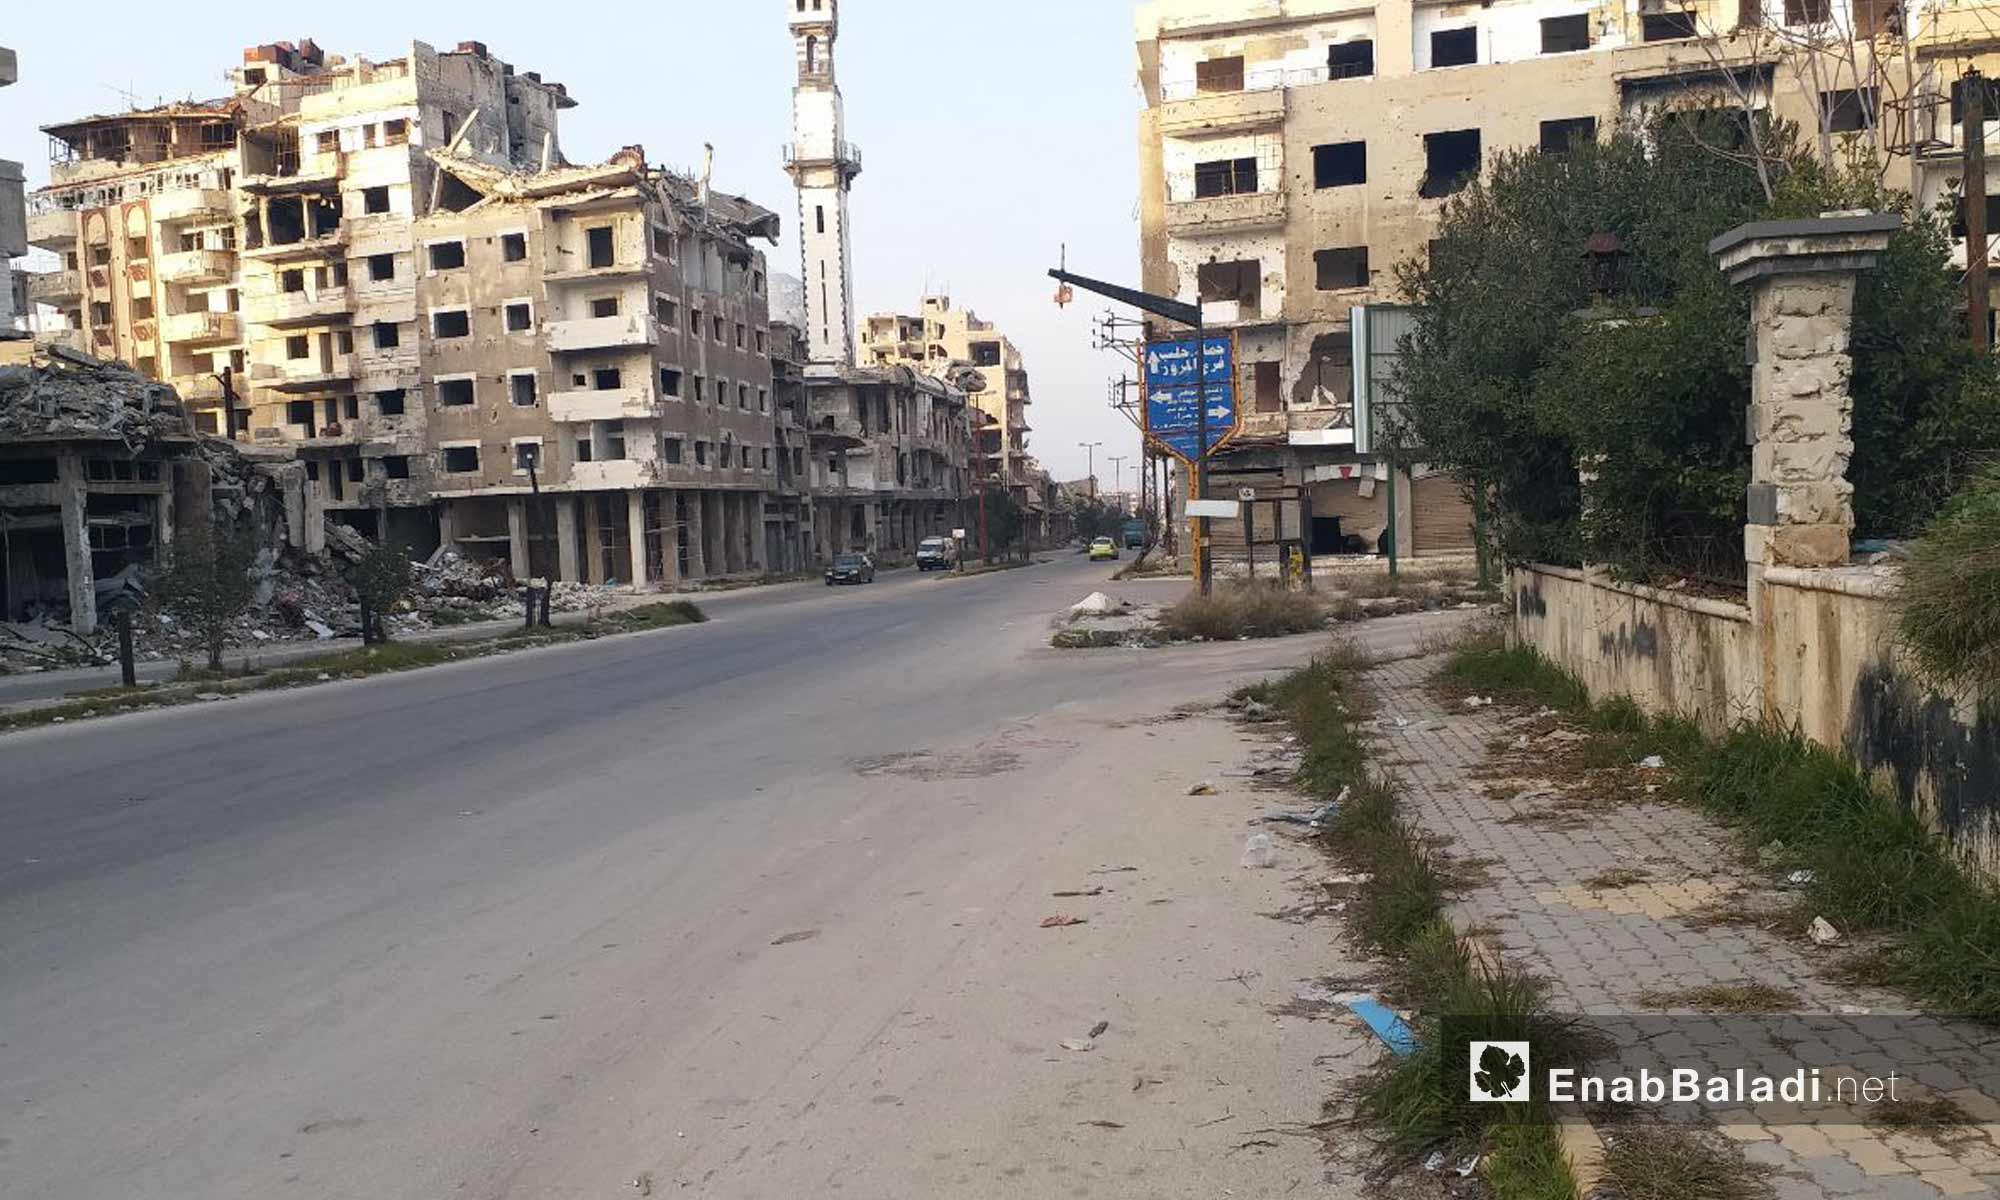 طريق حماة والطرق الفرعية المؤدية إلى الخالدية - 24 من كانون الثاني 2019 (عنب بلدي)